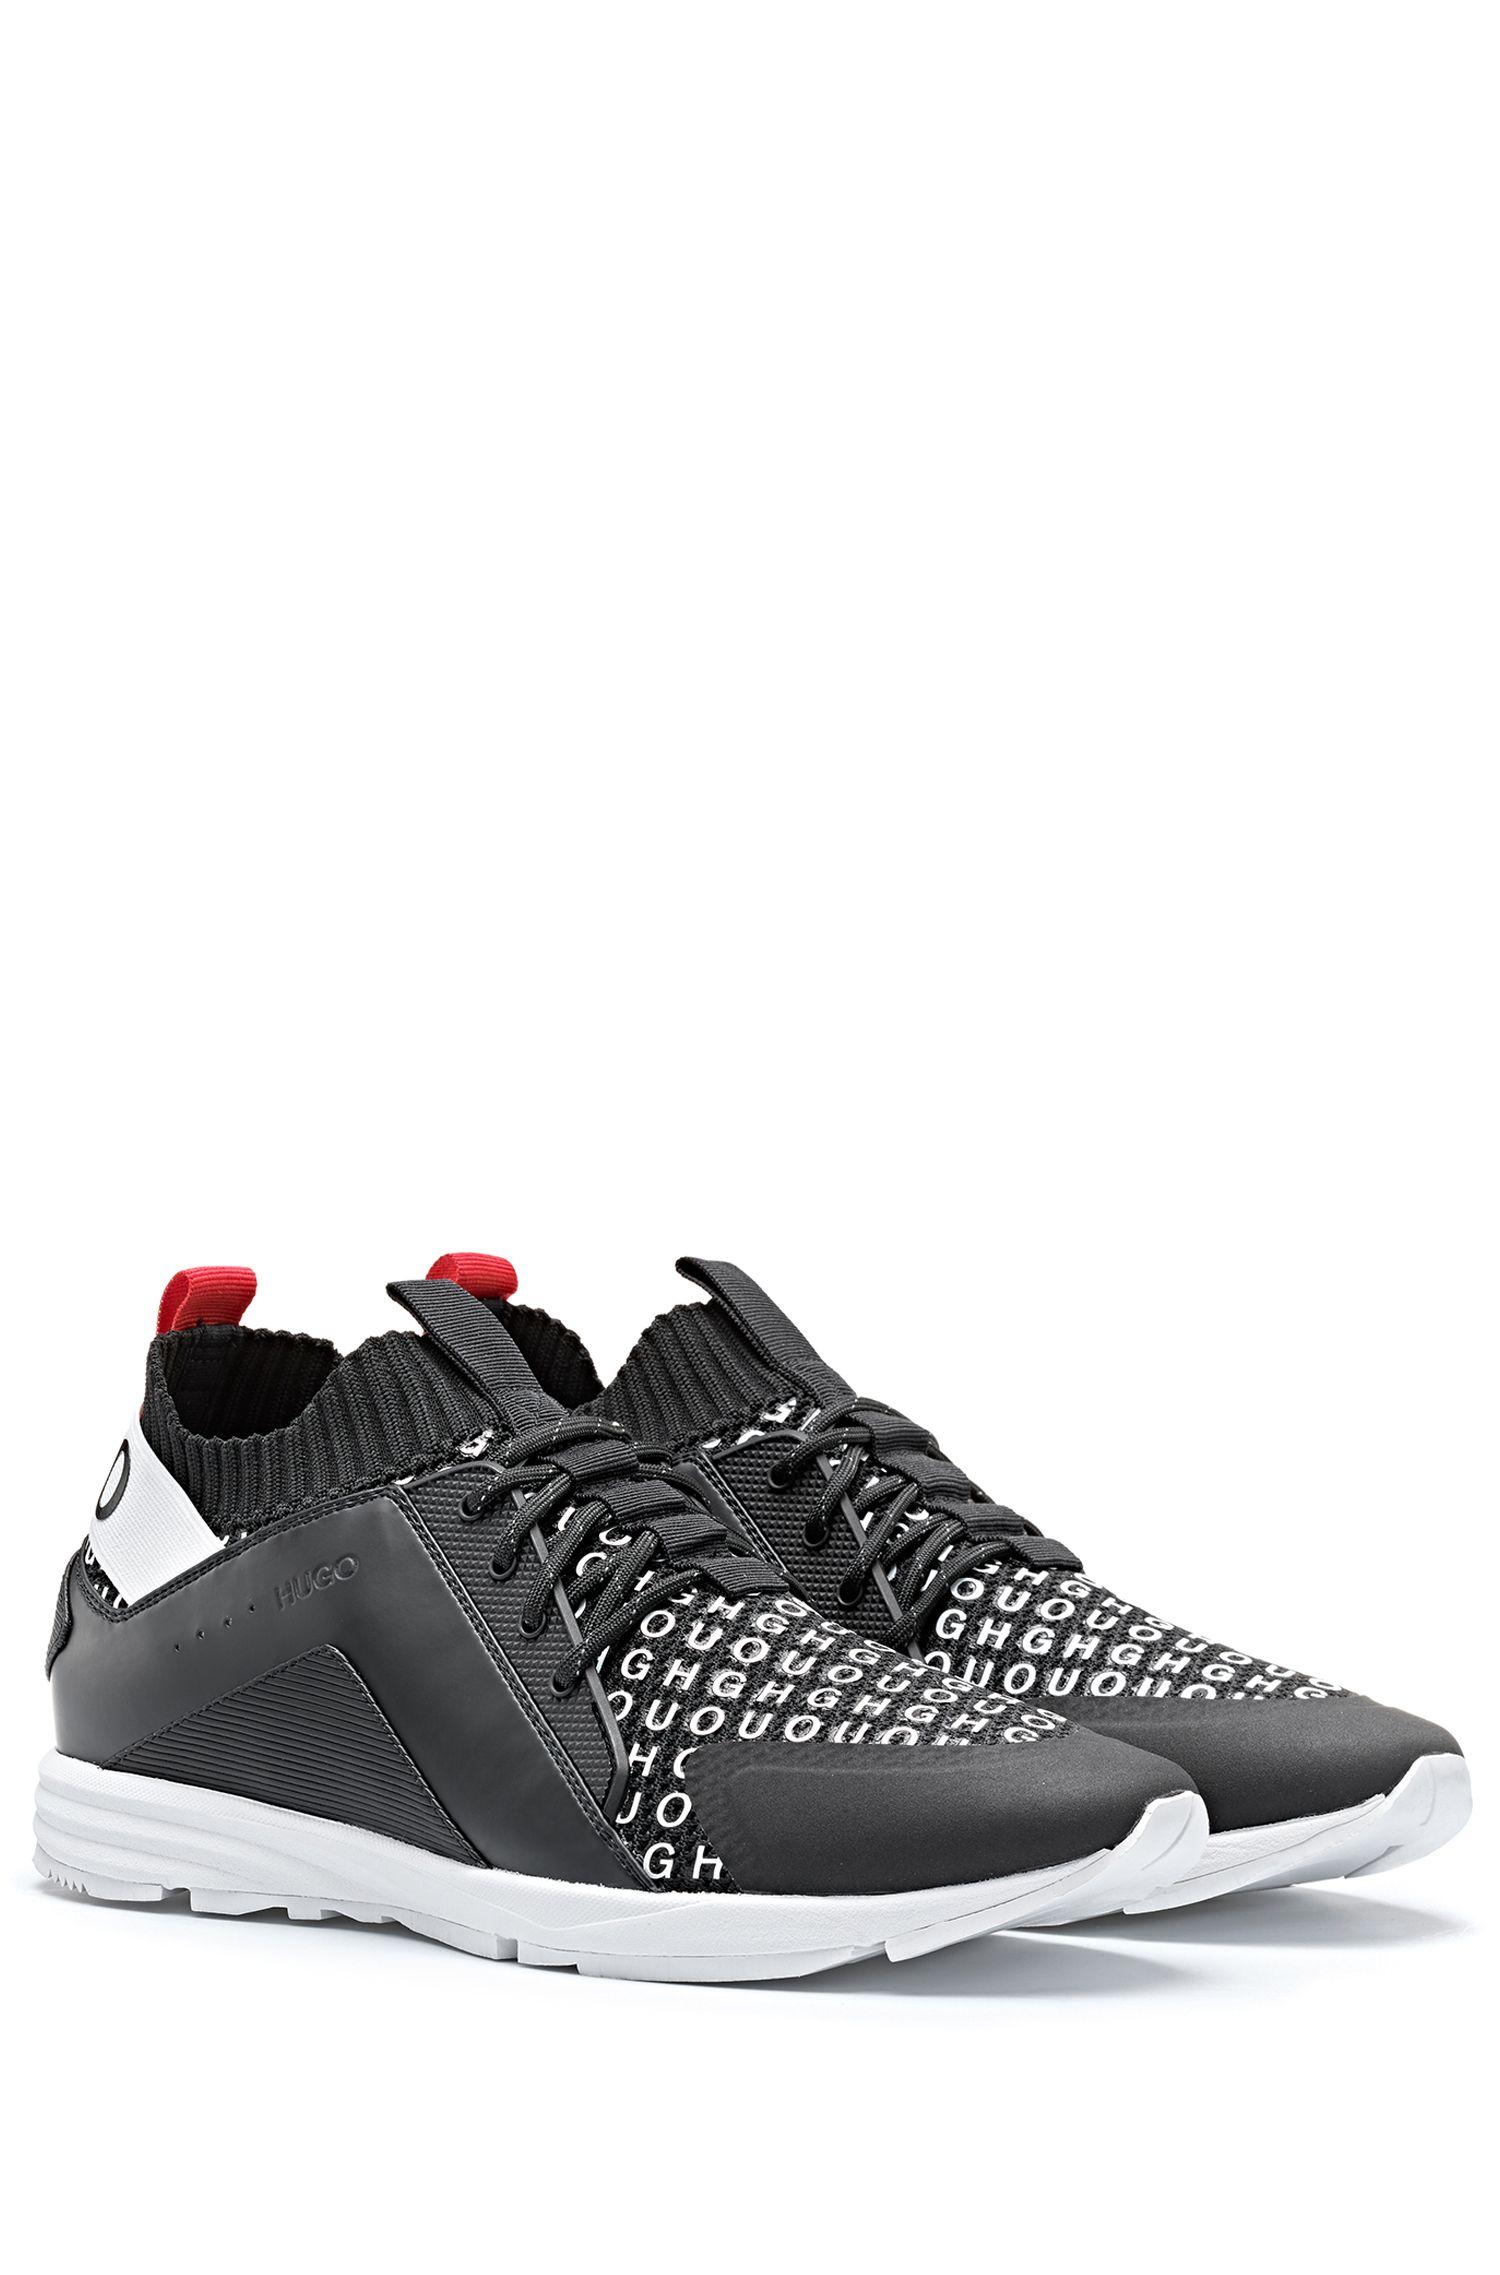 Sneakers mit gestricktem Sockenschaft und Logo auf dem Schuhblatt, Schwarz